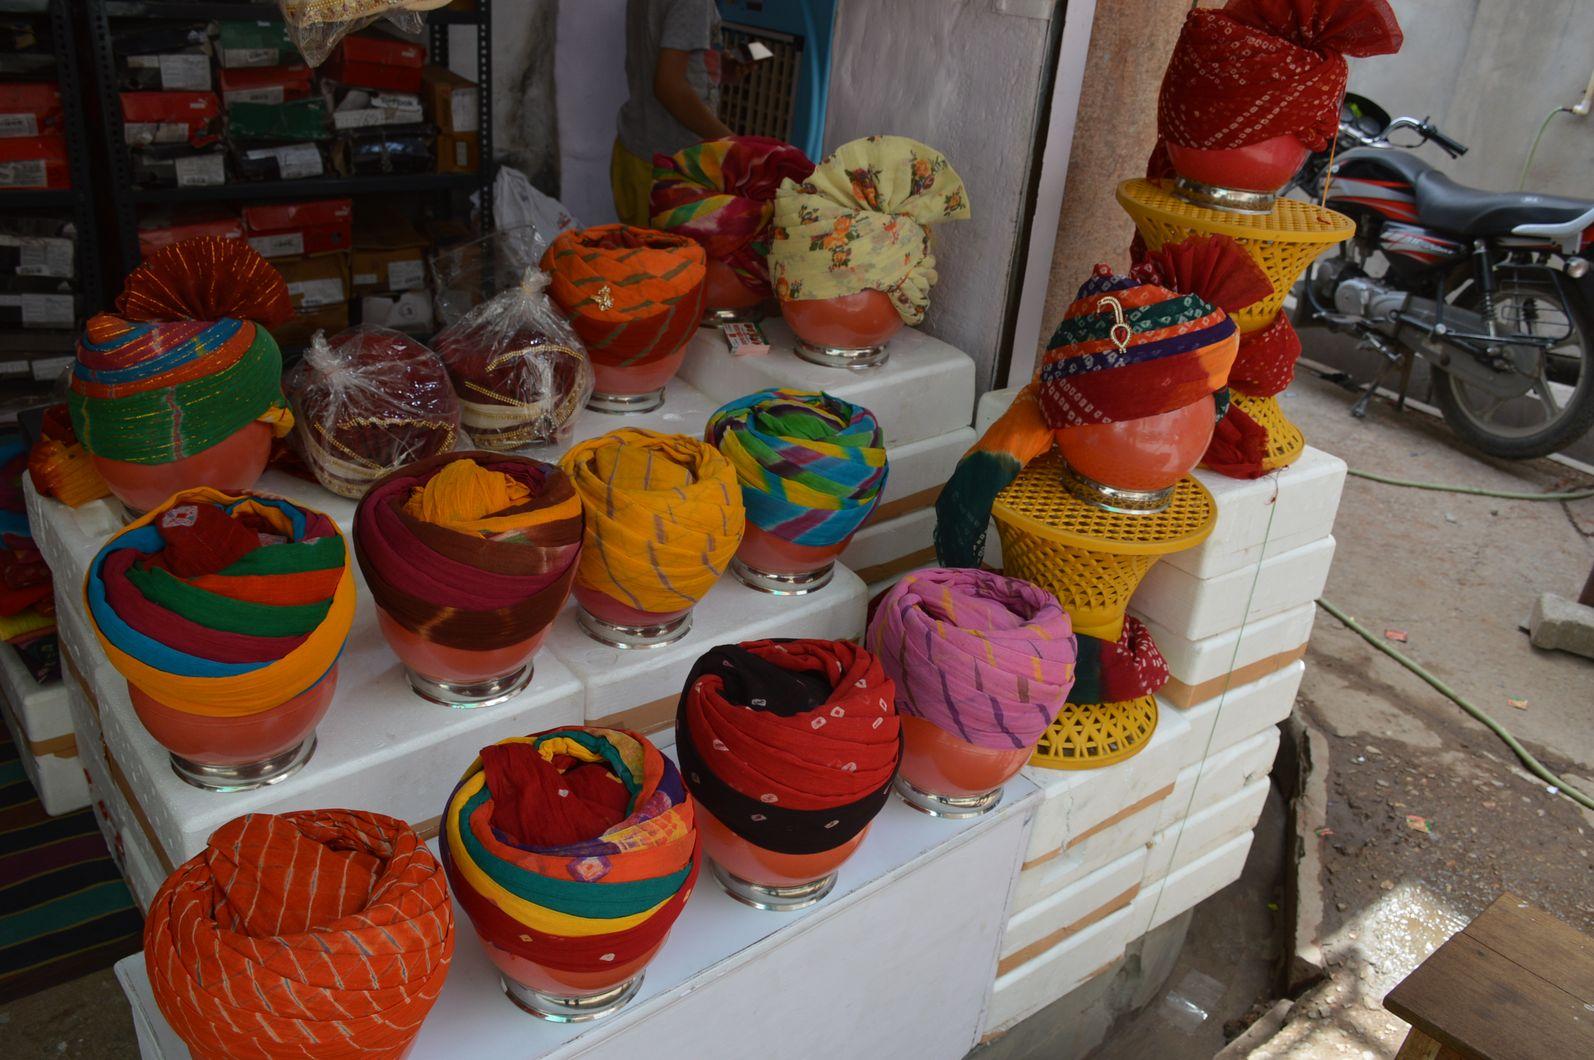 राजस्थान के इस शहर में क्यों तैयार की जा रही है इतनी तादाद में पगडियां